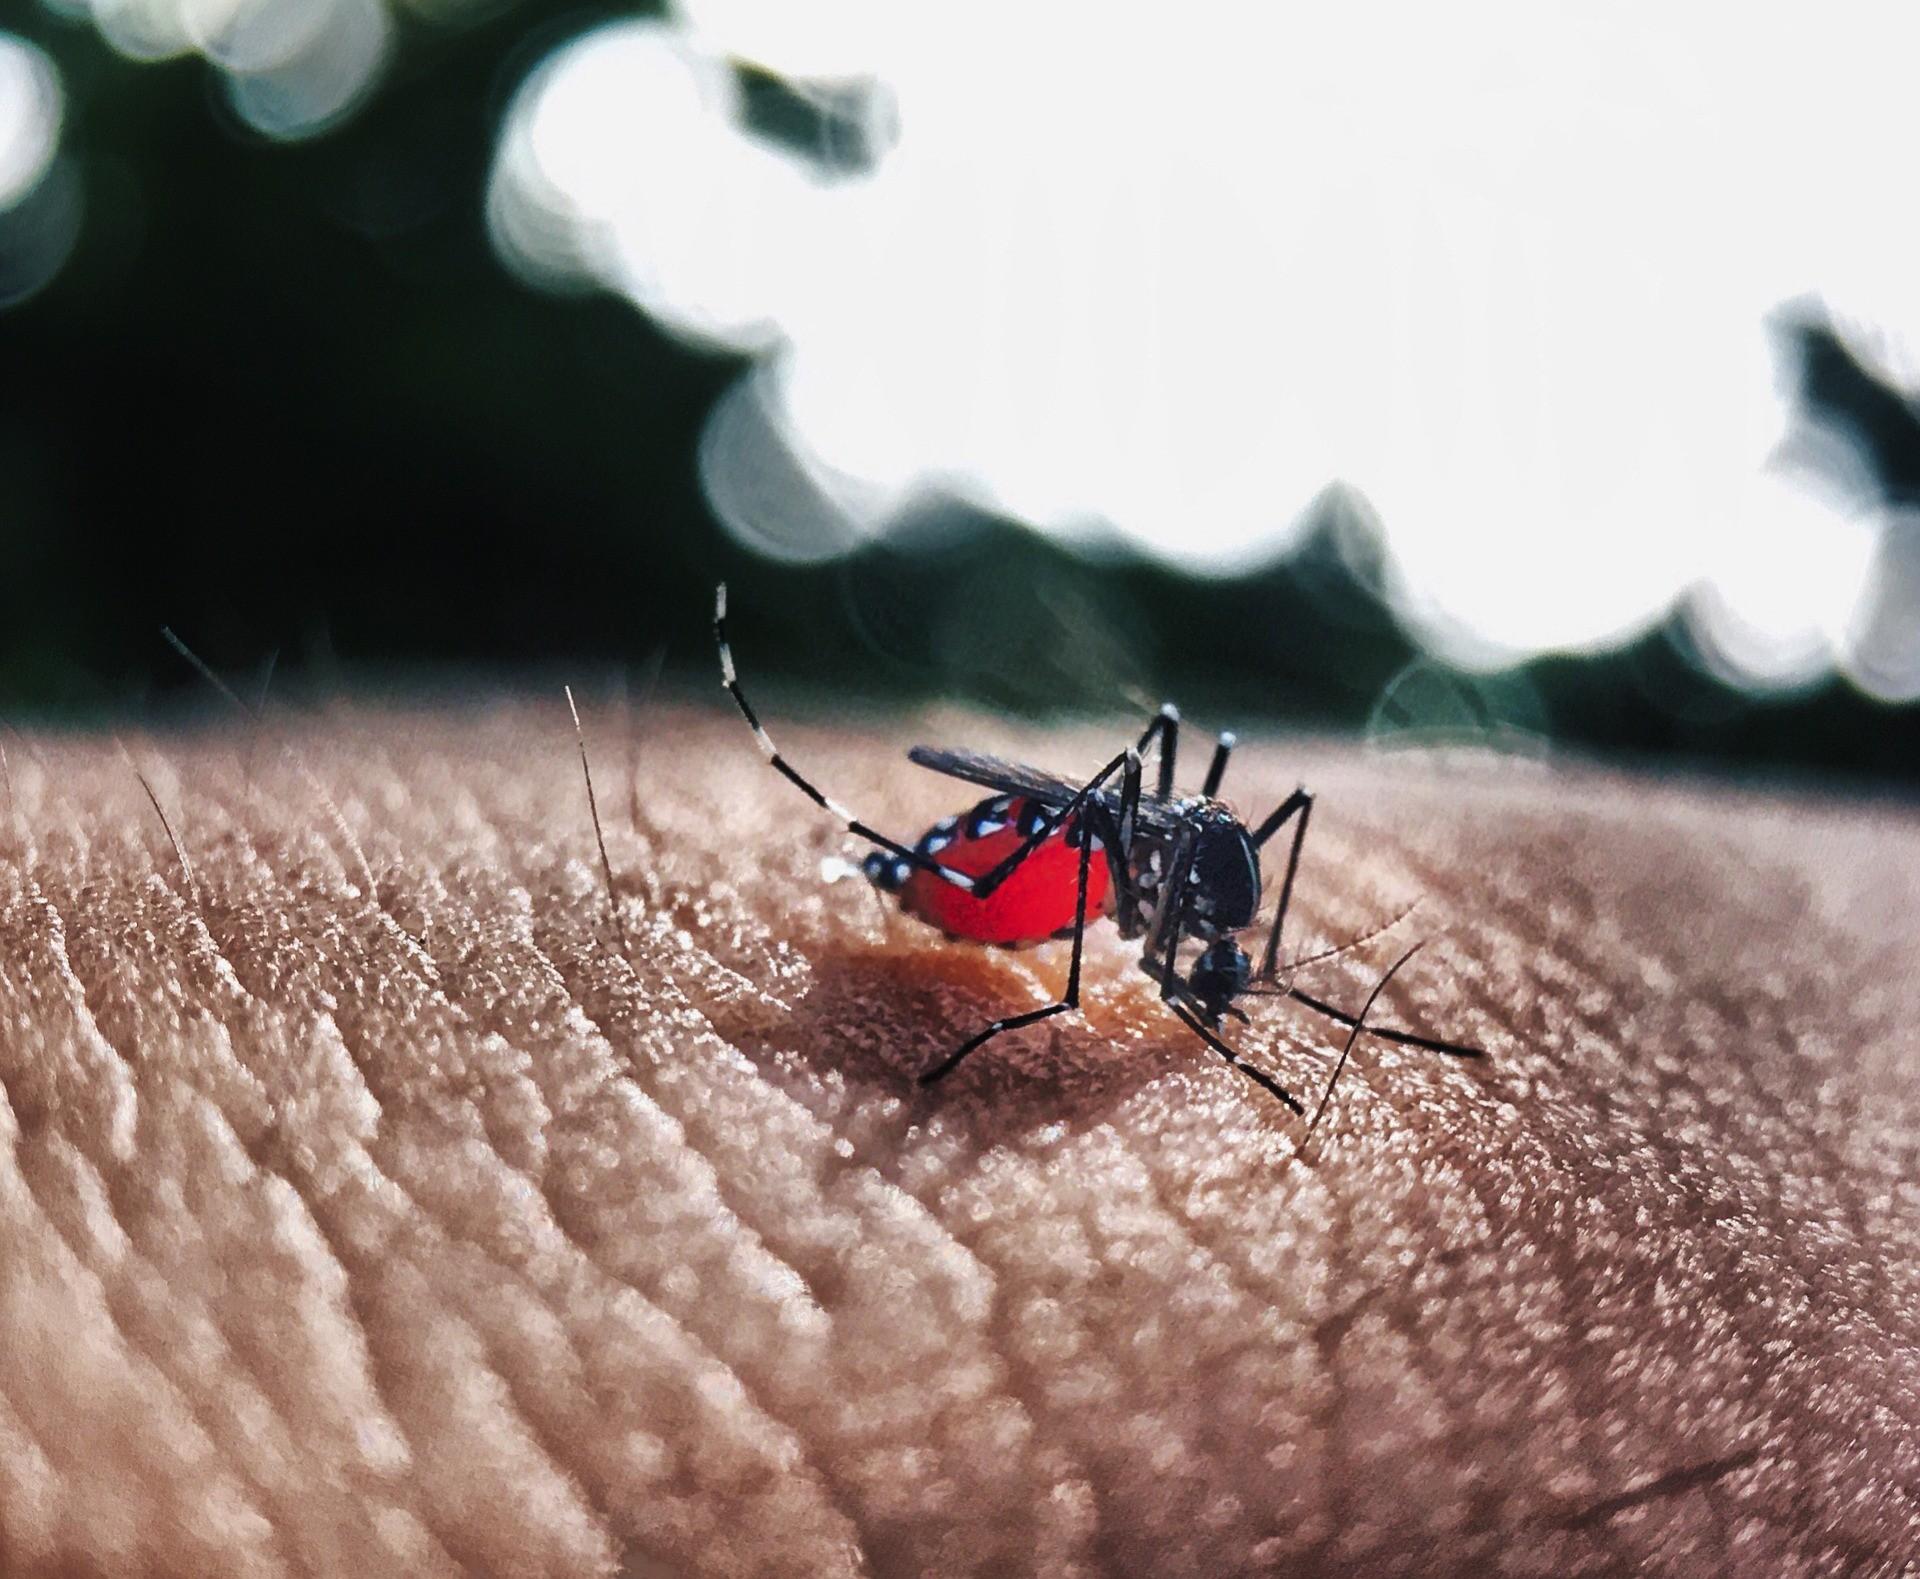 Casos de dengue em SP aumentam mais de 2.100%, diz Ministério da Saúde - Noticias